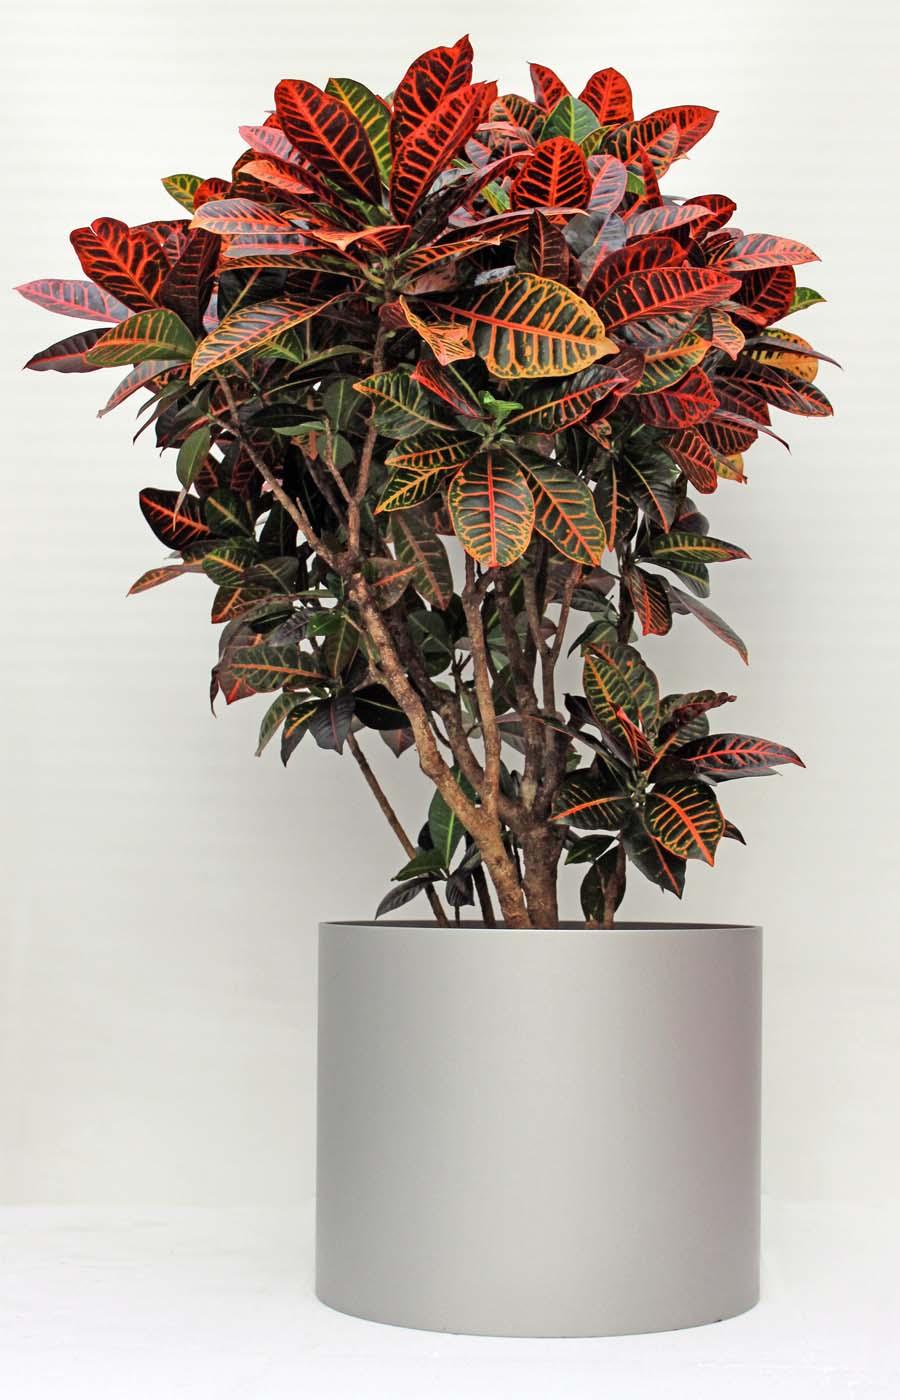 pflanzenarrangements mit hydrokulturpflanzen pflanzen mieten. Black Bedroom Furniture Sets. Home Design Ideas